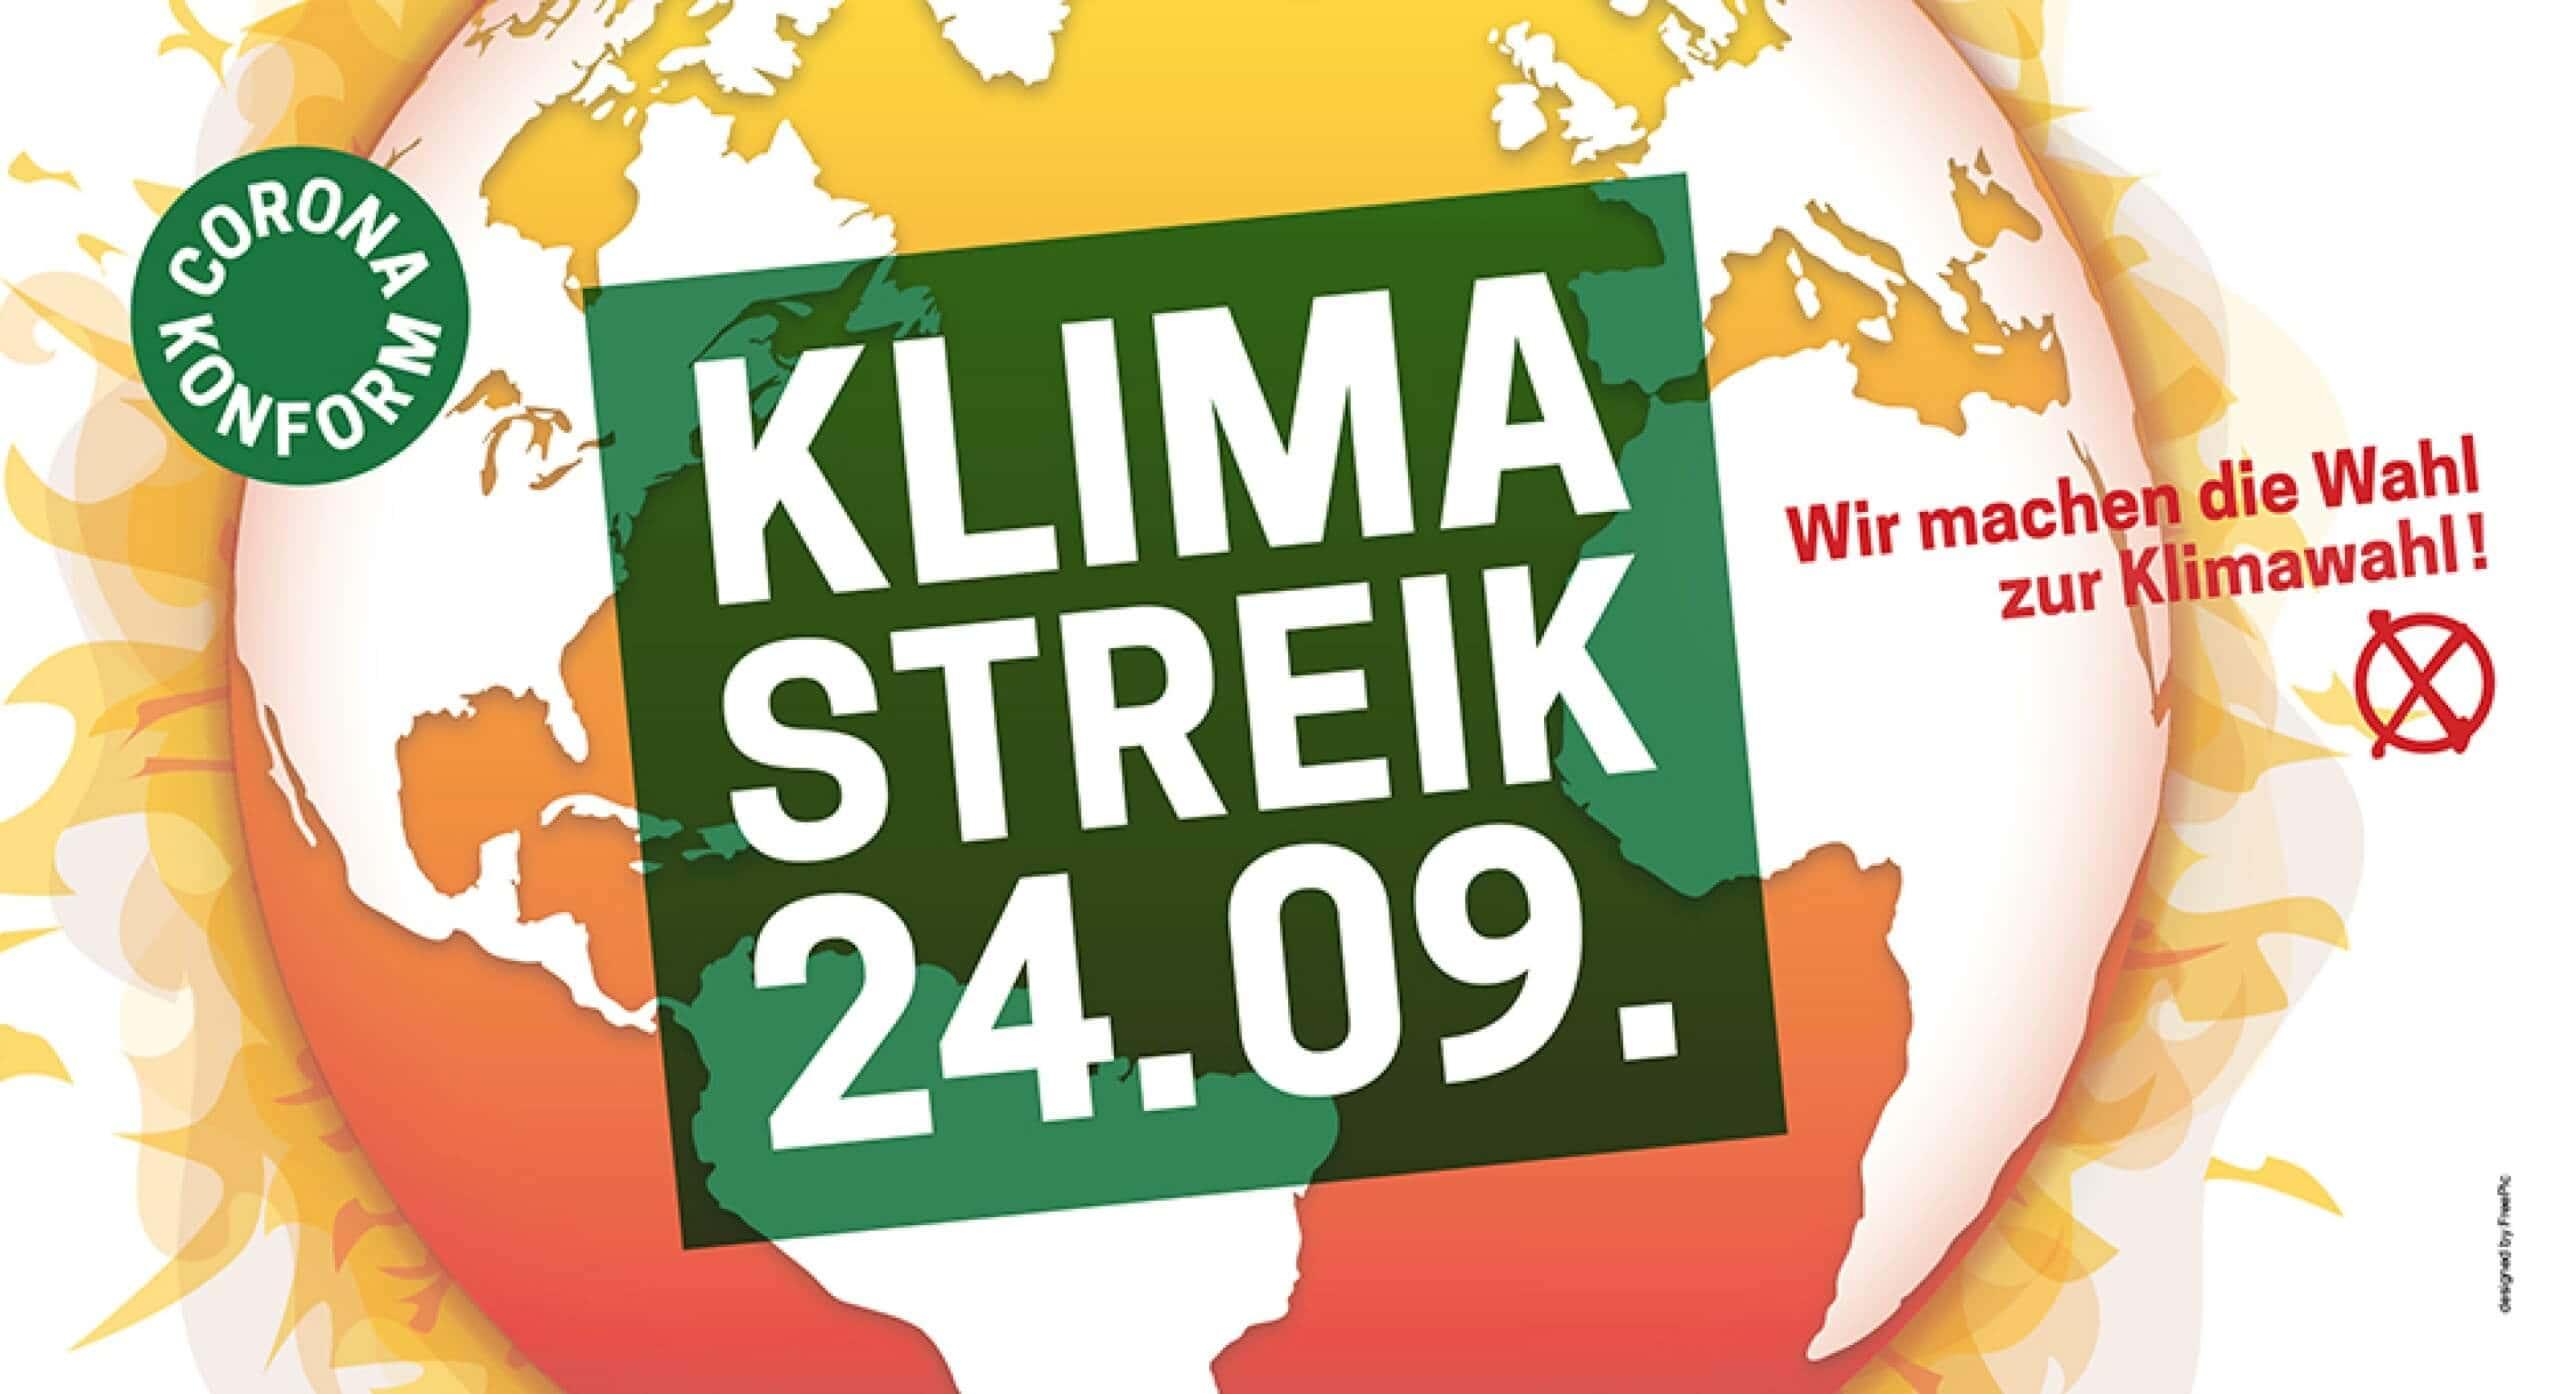 Klimastreik am 24.09.: Wir sind dabei!